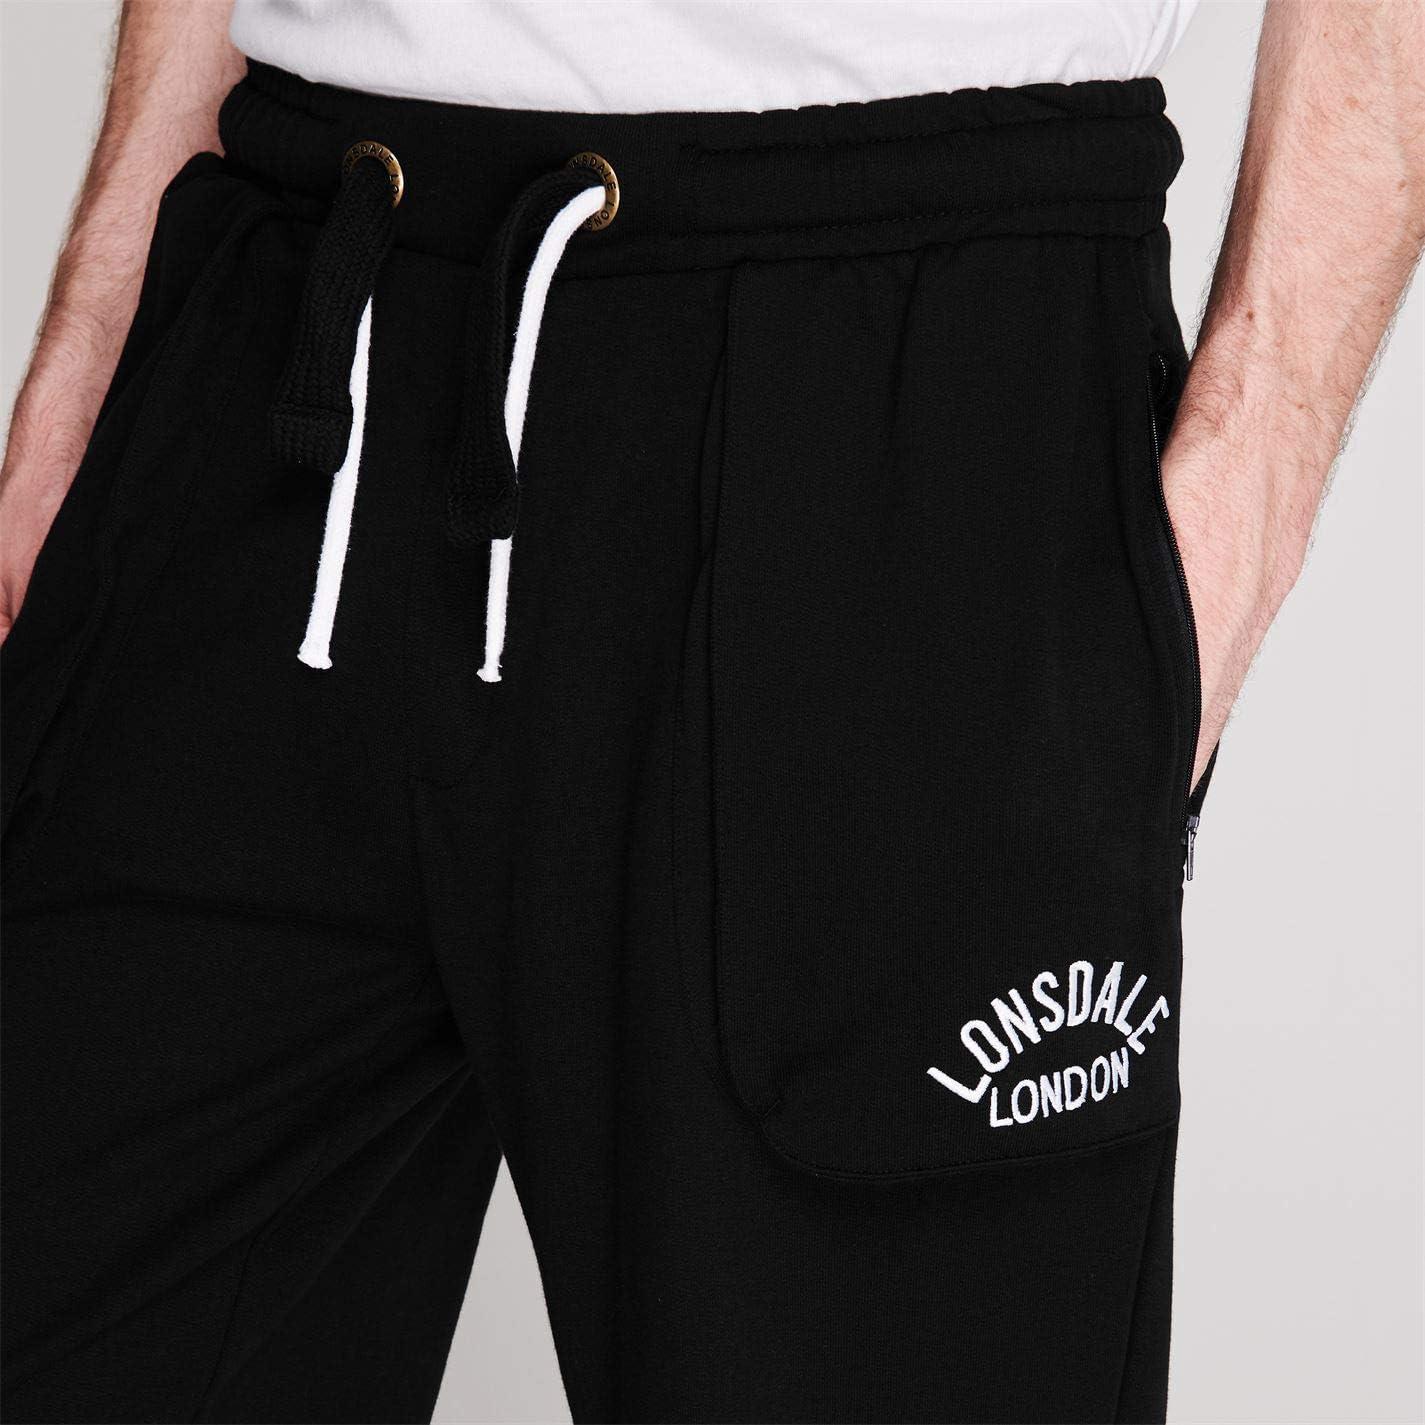 Lonsdale Hombre Boxing Pantalones Deportivos: Amazon.es: Ropa y ...